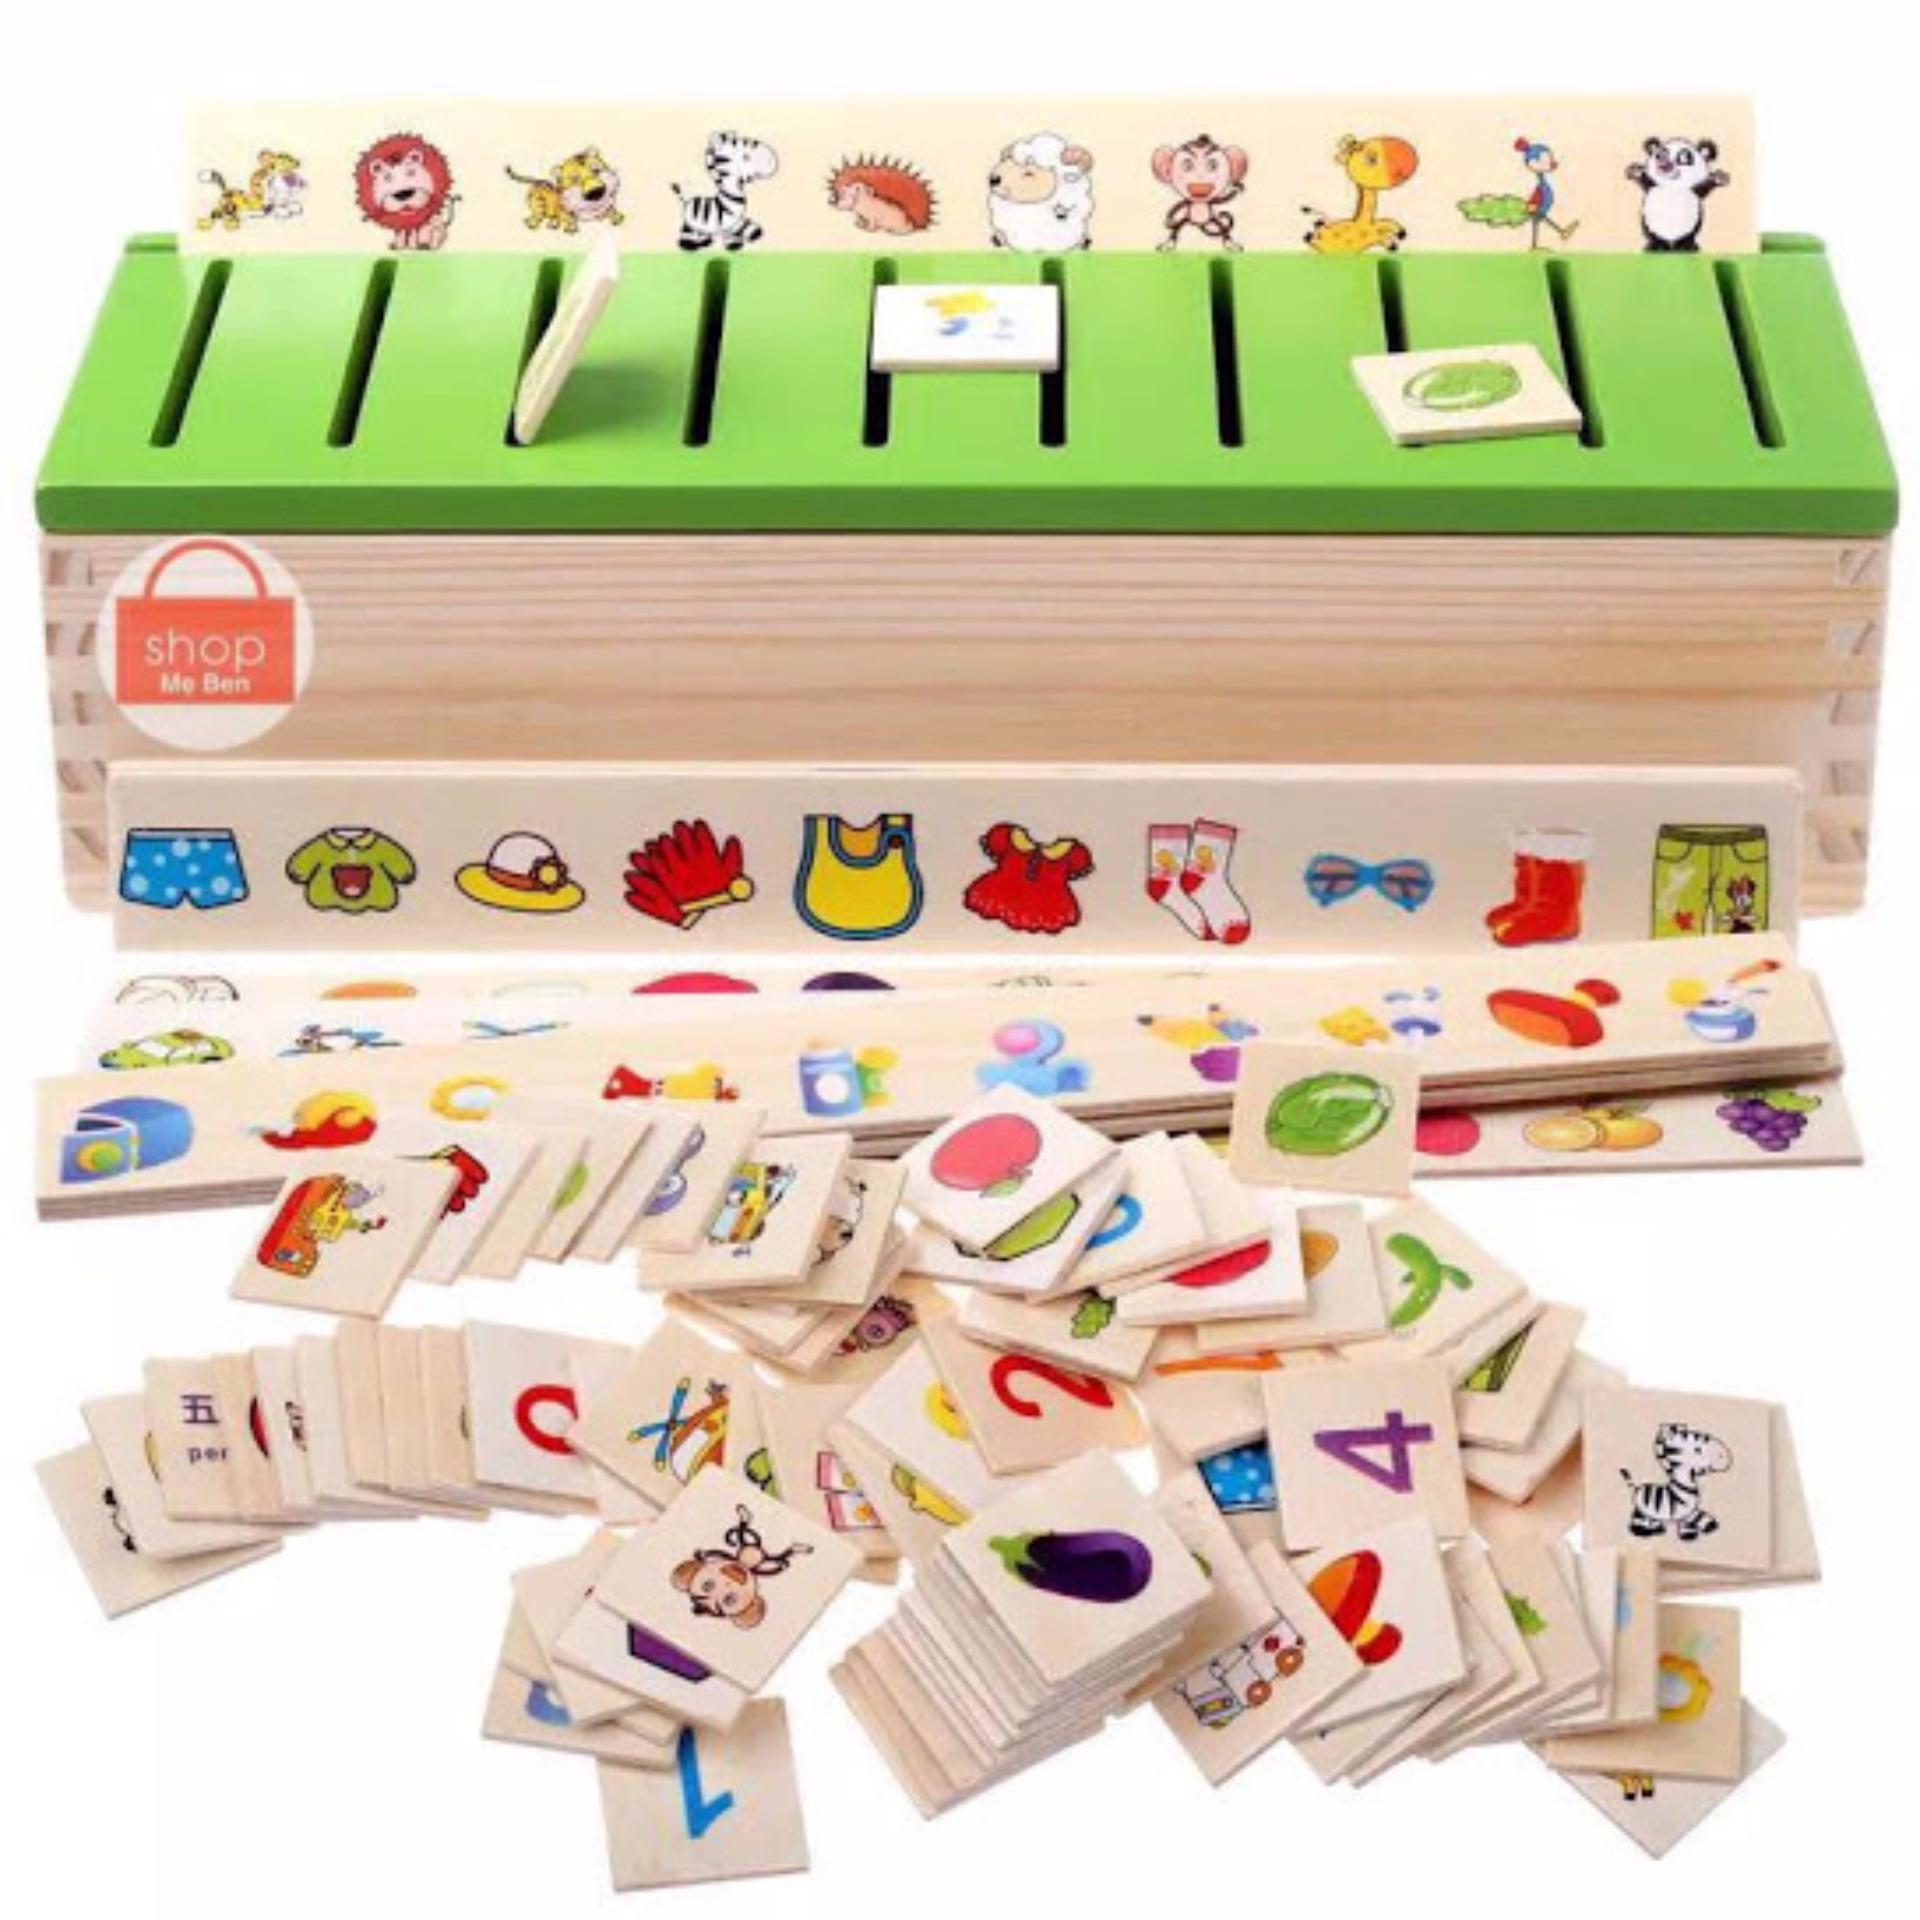 Bộ đồ chơi thả hình bằng gỗ theo chủ đề giúp bé phát triển khả năng quan sát